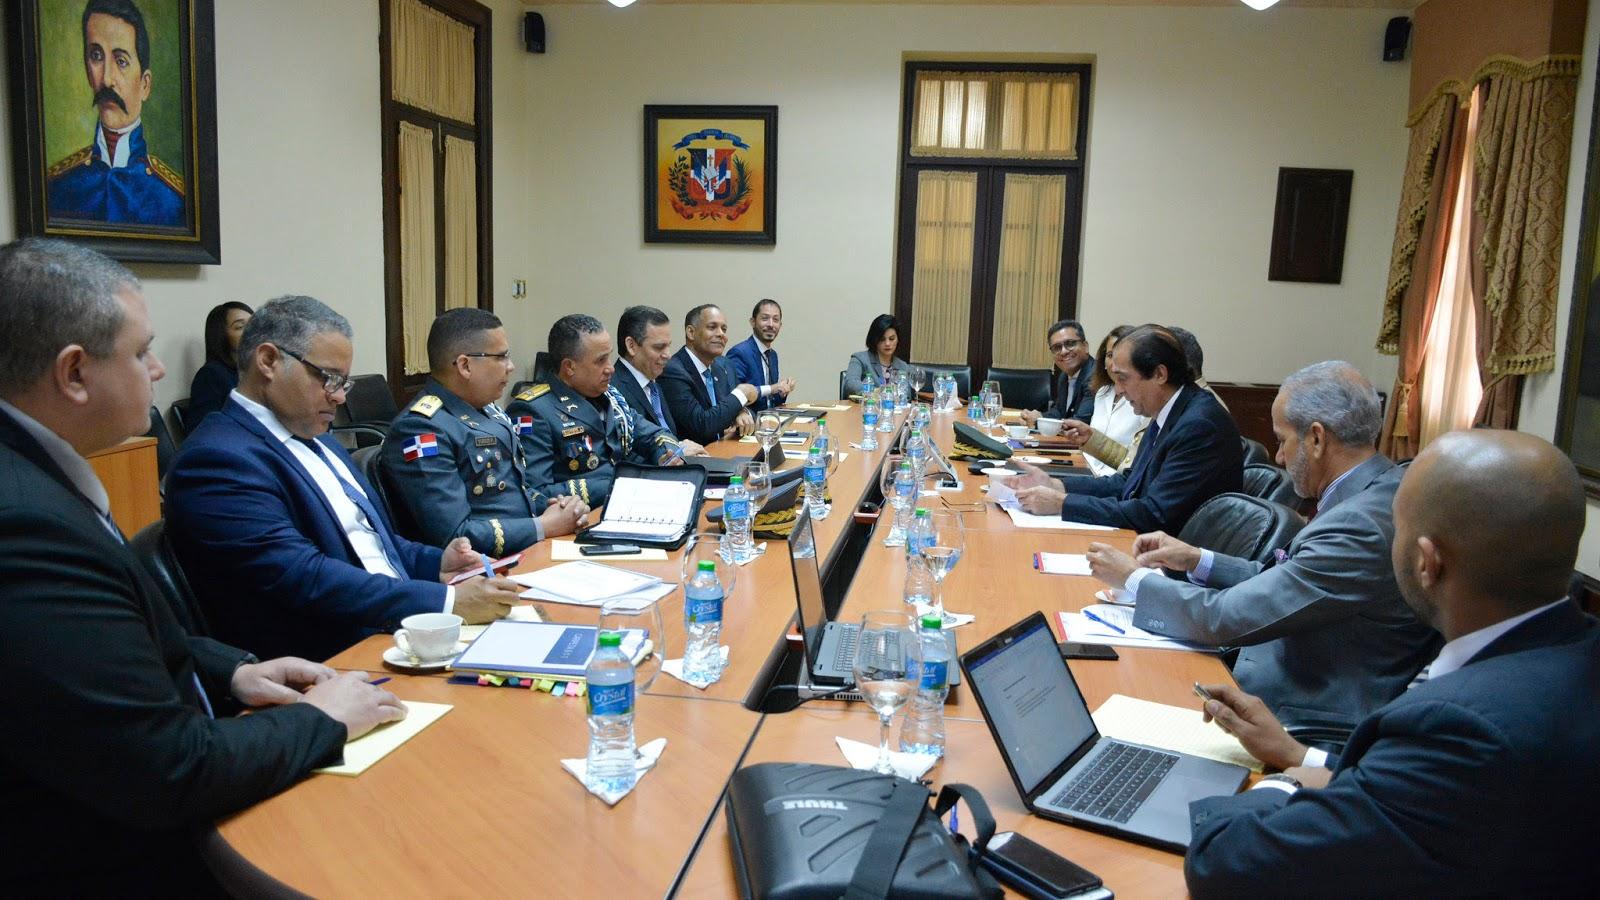 Consejo aprueba planes para implementar la Estrategia Nacional de Ciberseguridad